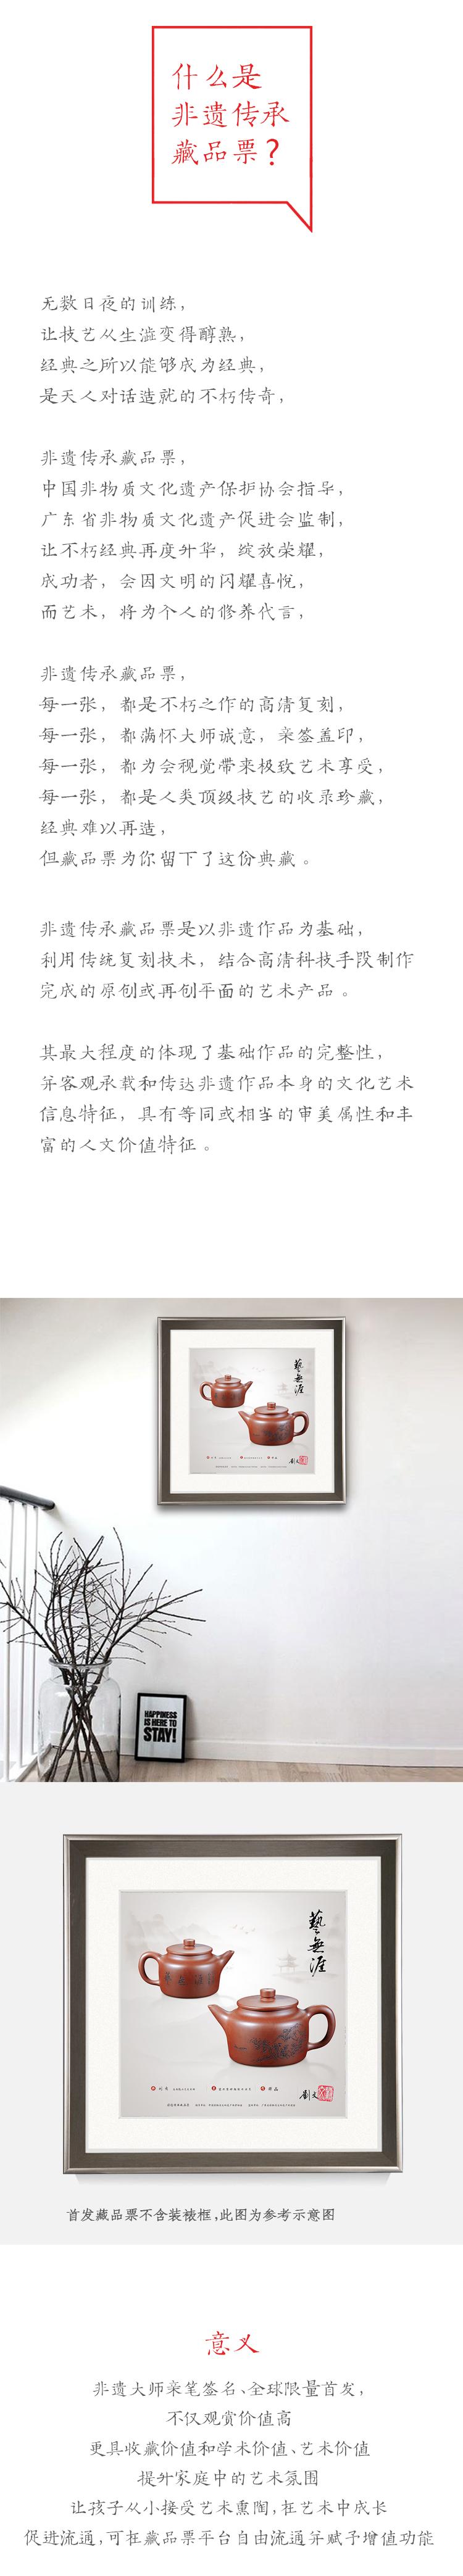 艺无涯_05.jpg